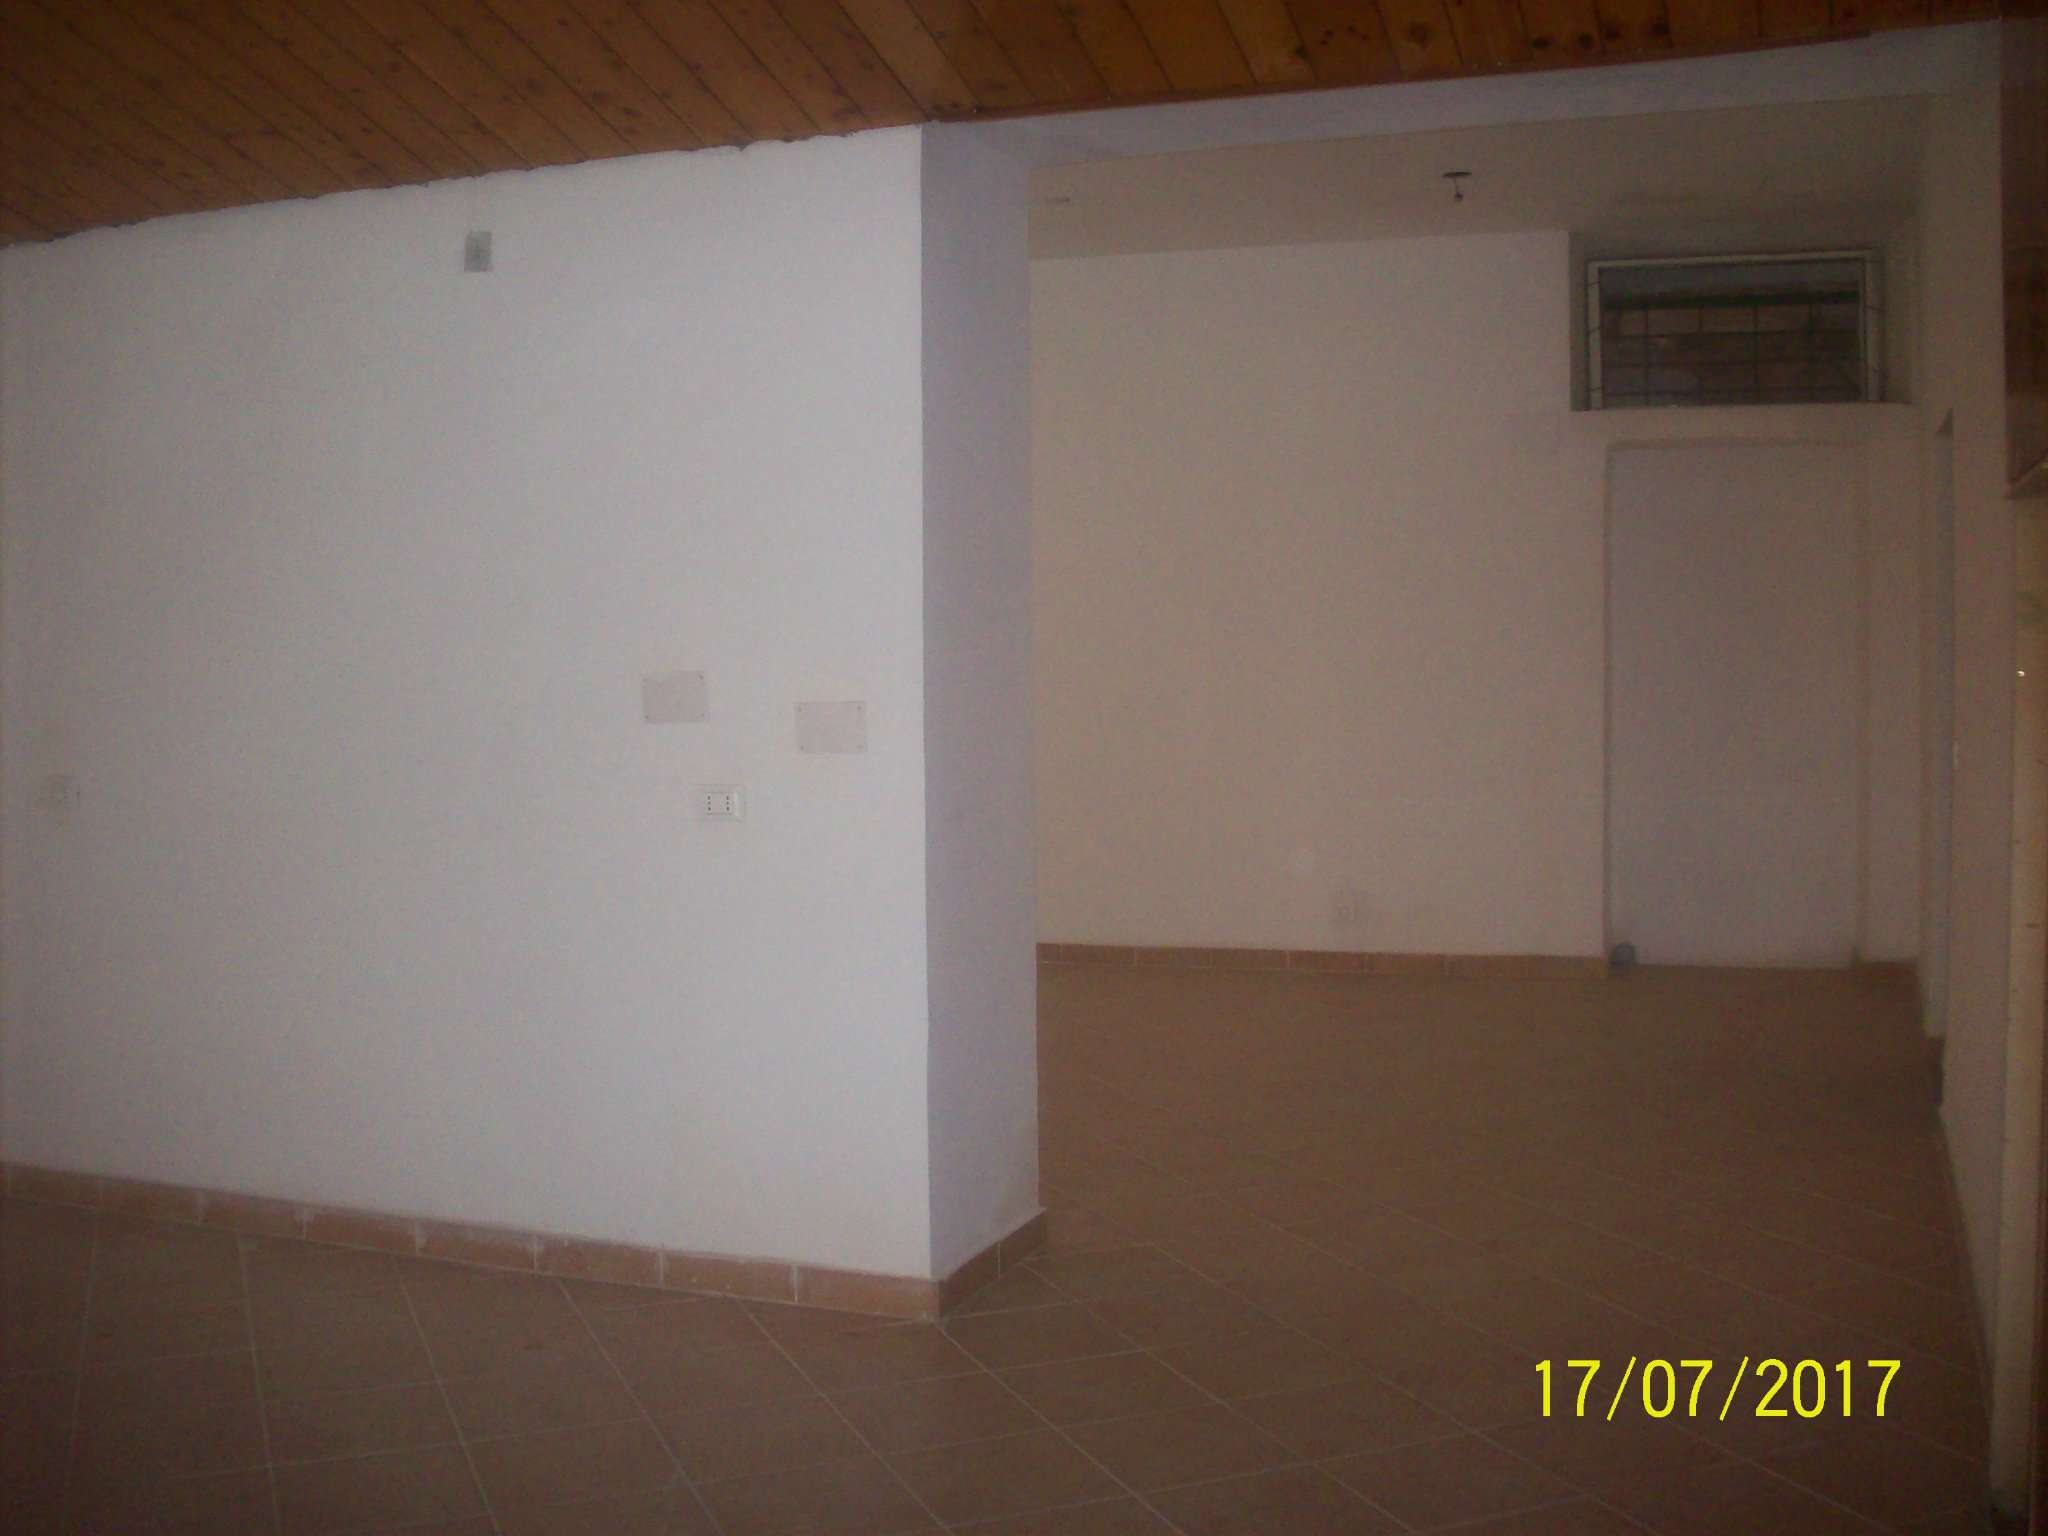 Negozio / Locale in affitto a Ariccia, 1 locali, prezzo € 1.000 | CambioCasa.it